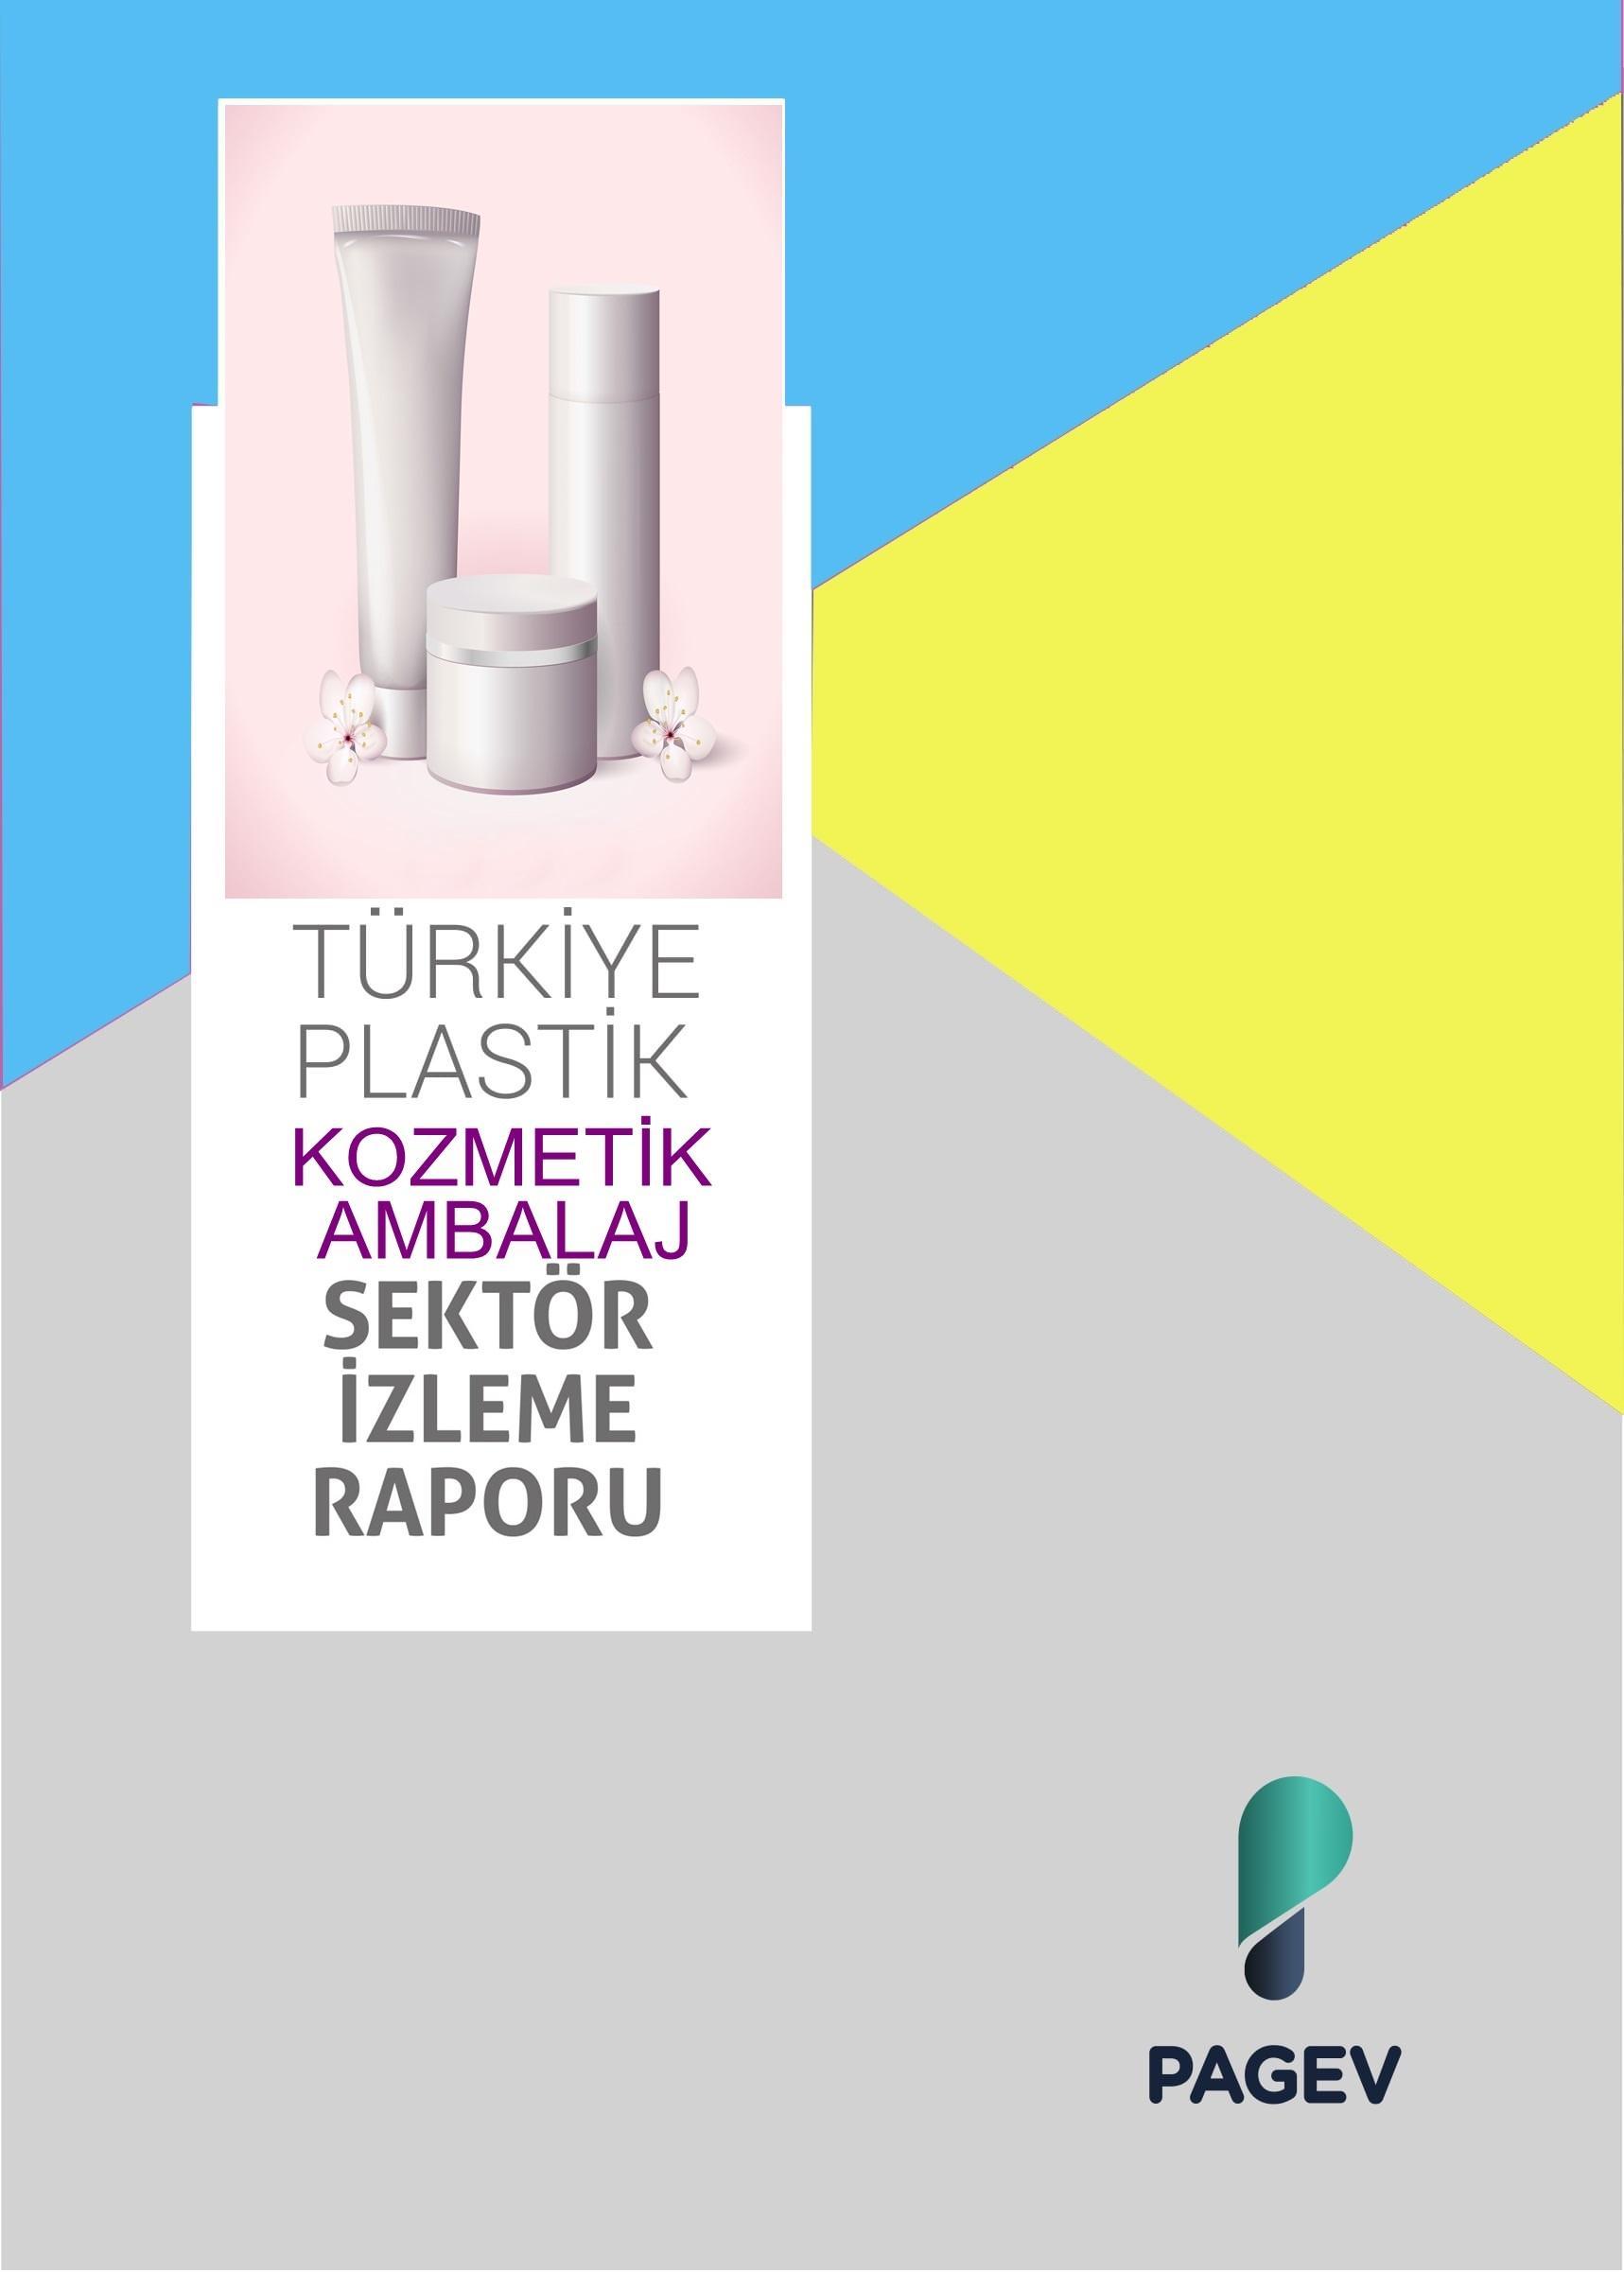 Türkiye Plastik Kozmetik Ambalaj Sektör İzleme Raporu 2017/6 Aylık (Yıl Sonu Tahminli)